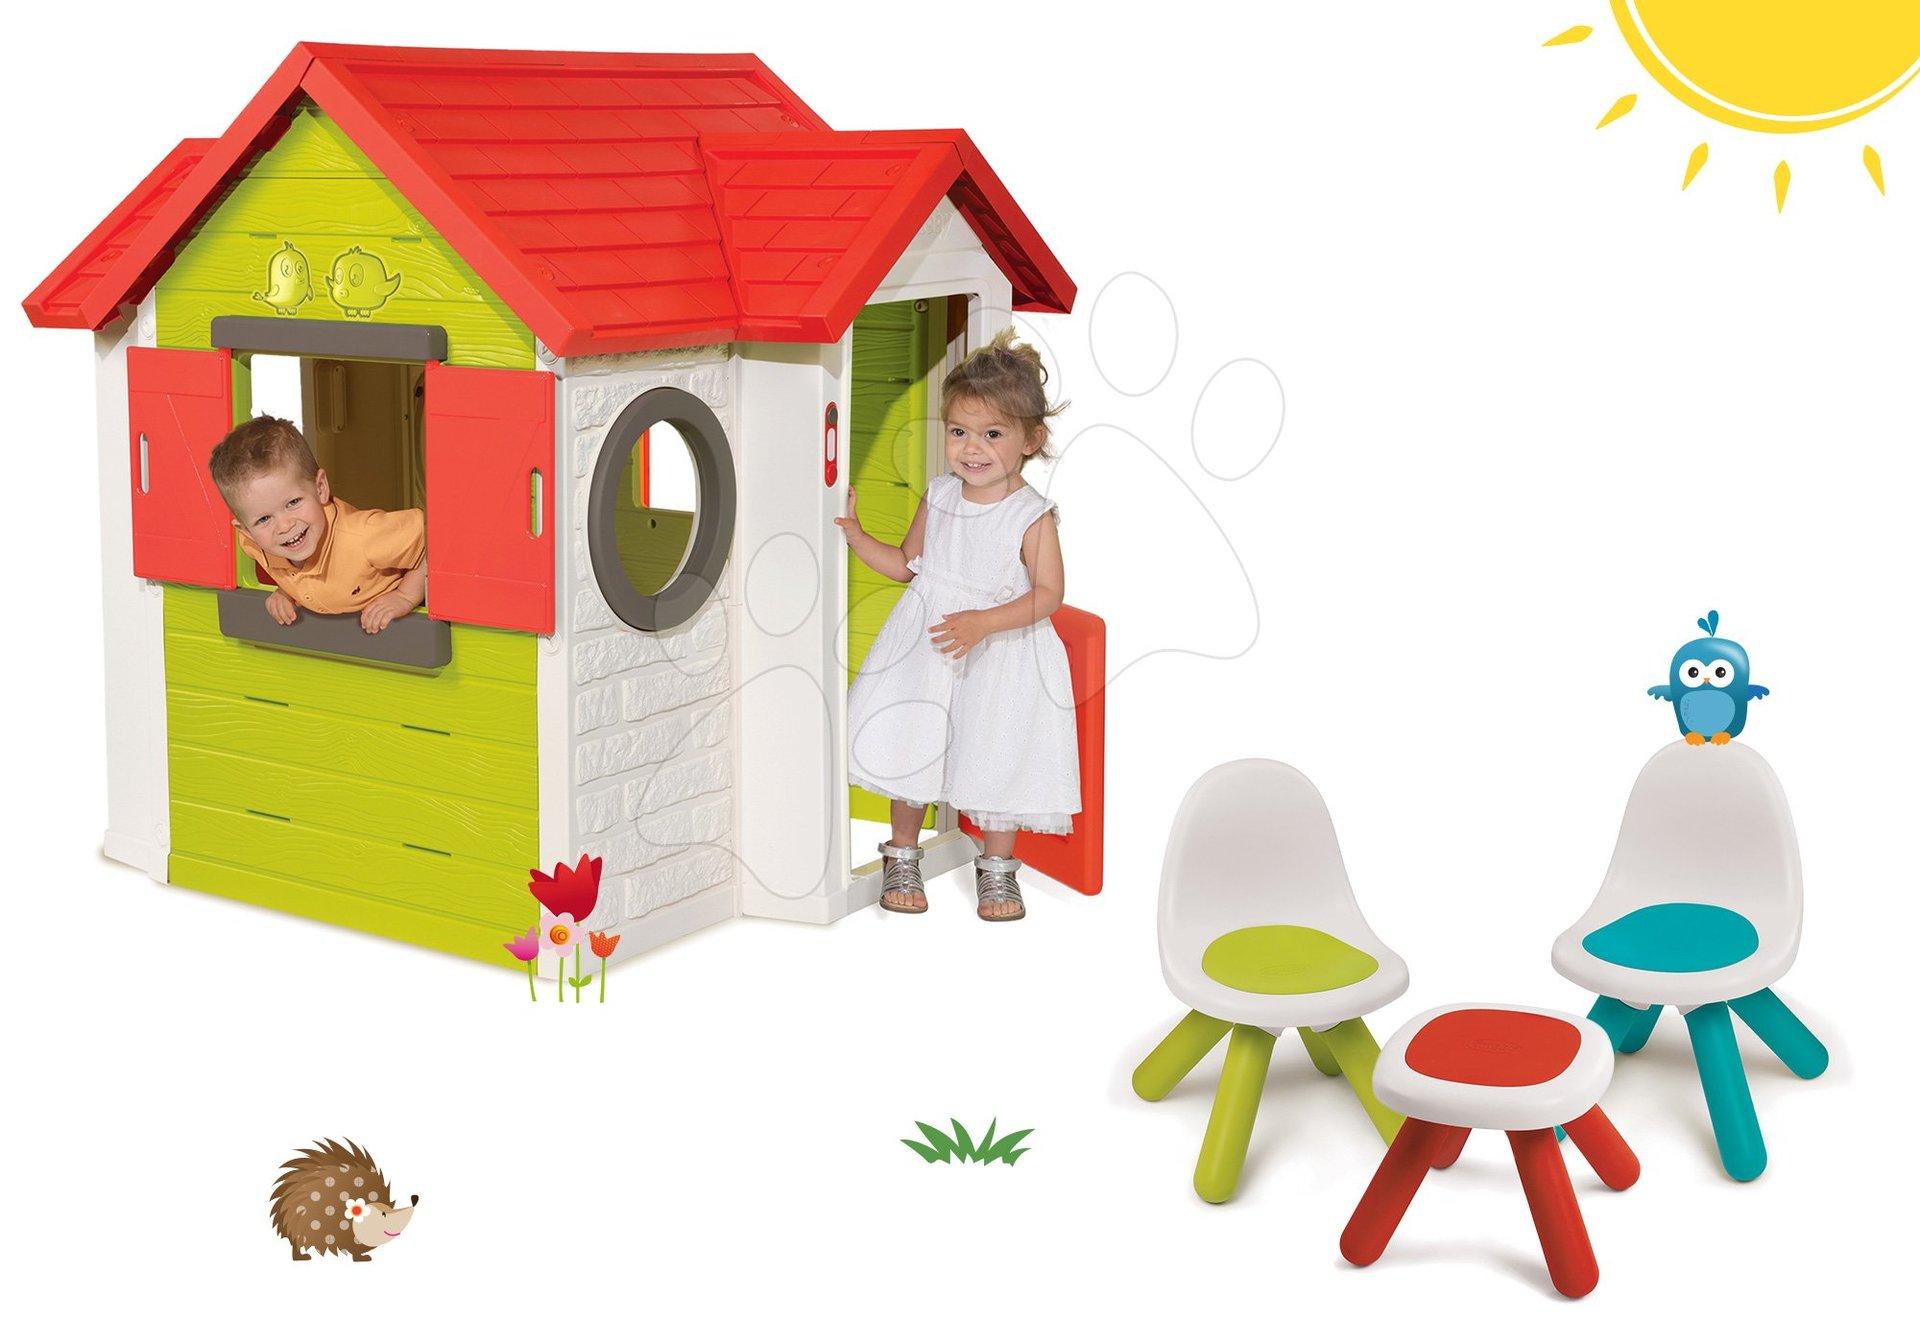 Szett házikó My House Smoby csengővel, 2 ajtóval és 2 kisszék és kisasztal KidChair 24 hó-tól